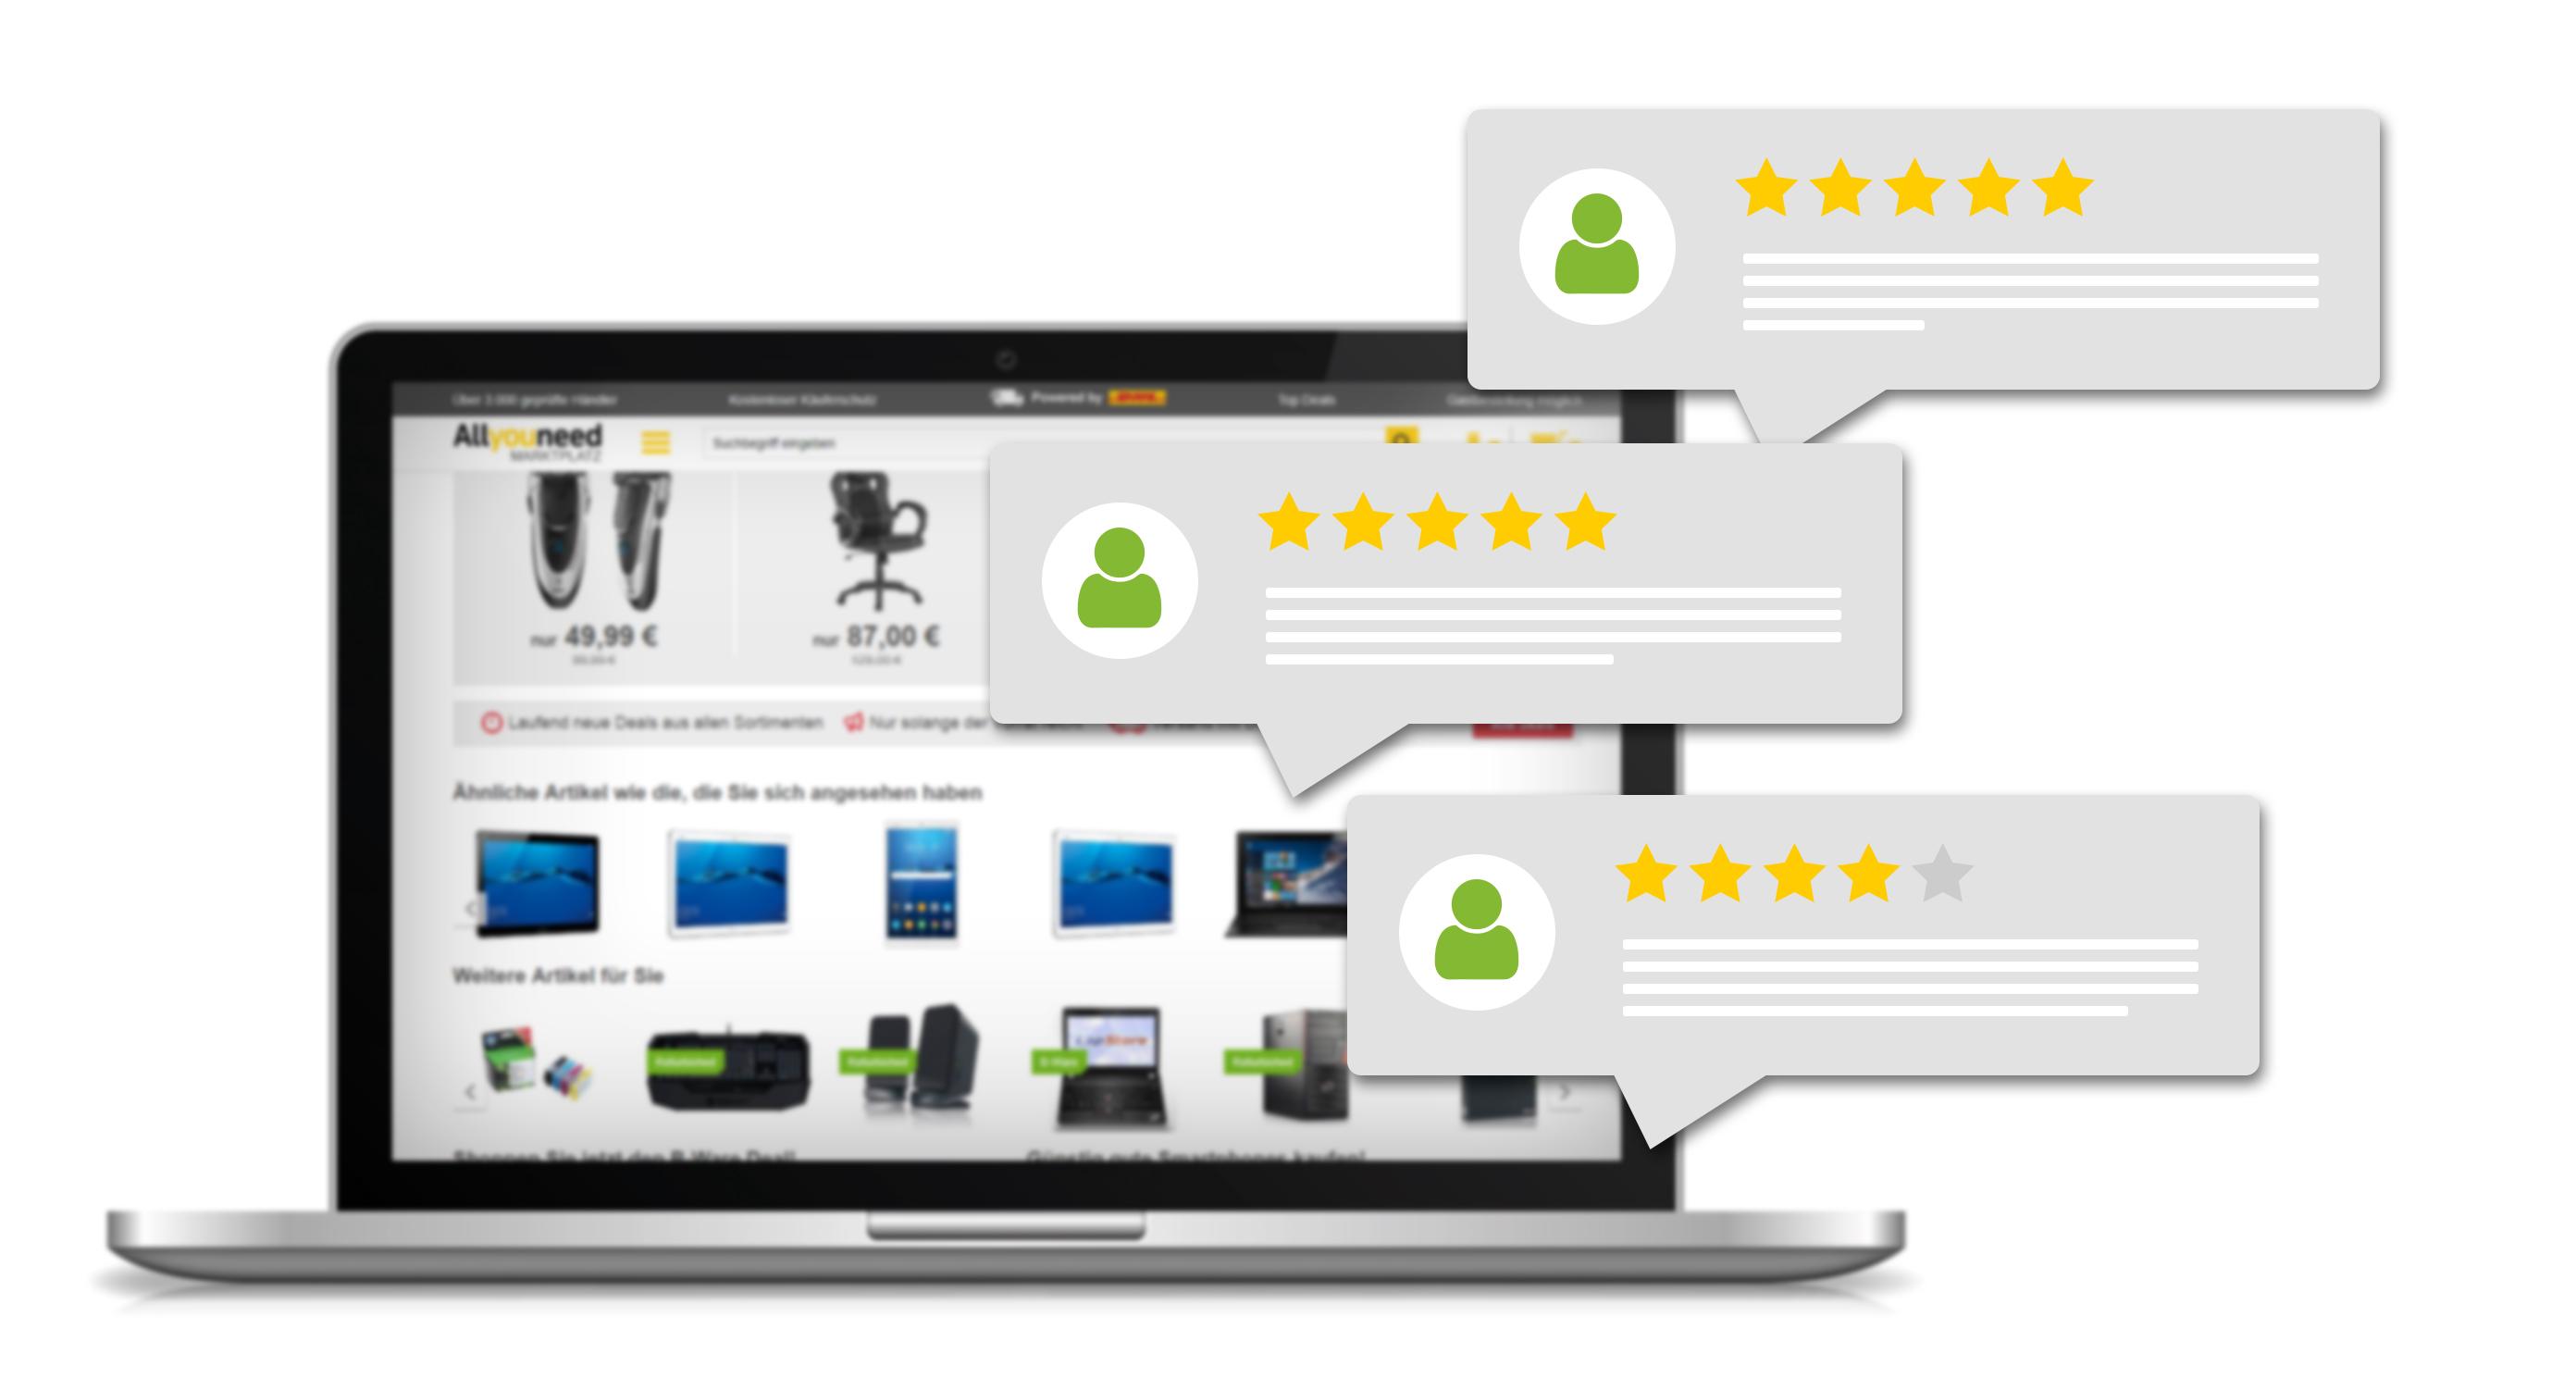 Verbinden Sie das VARIO Warenwirtschaftssystem mit Ihrem Allyouneed-Marketplace über die integrierten Schnittstellen